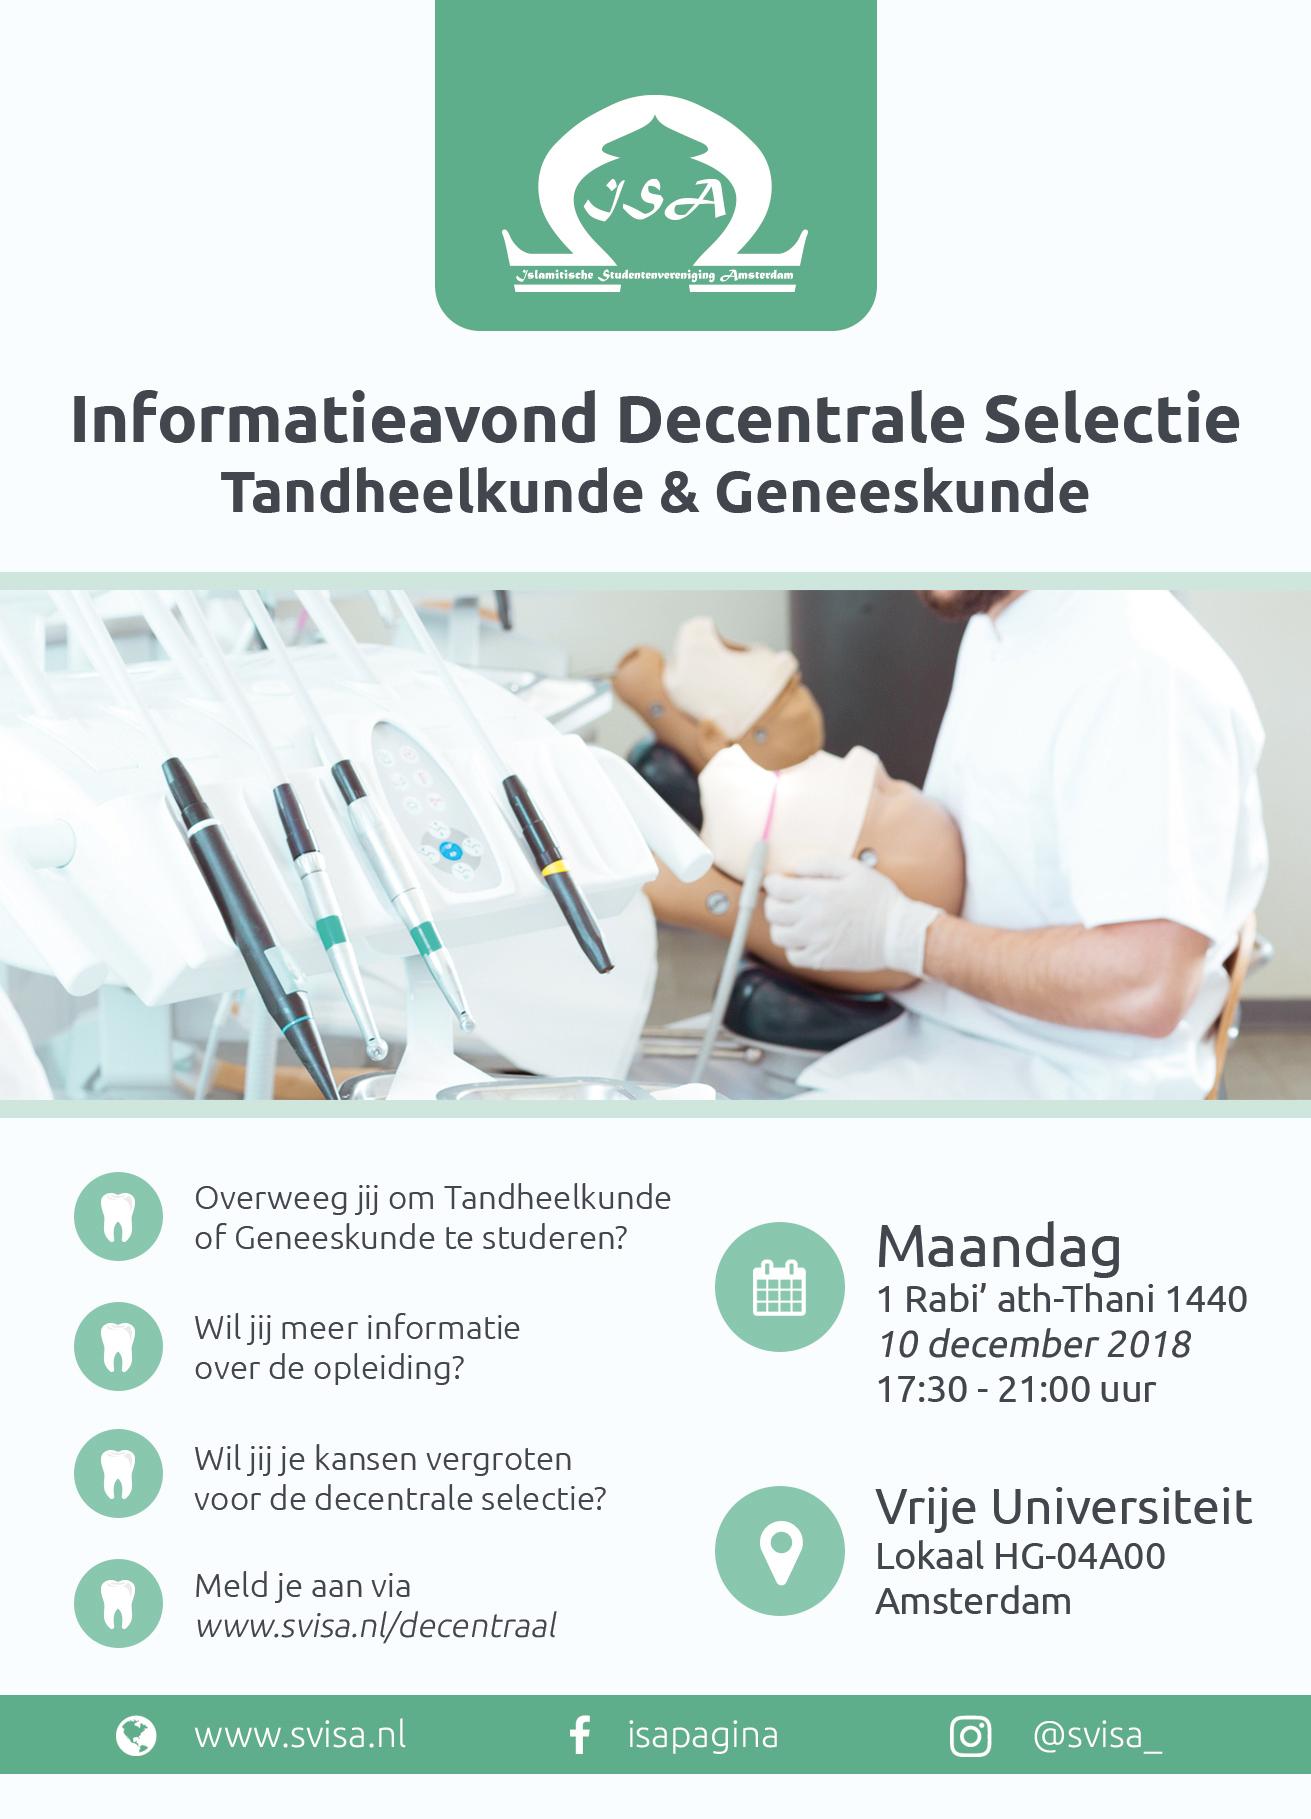 informatieavond-decentrale-selectie-tandheelkunde-geneeskunde-isa